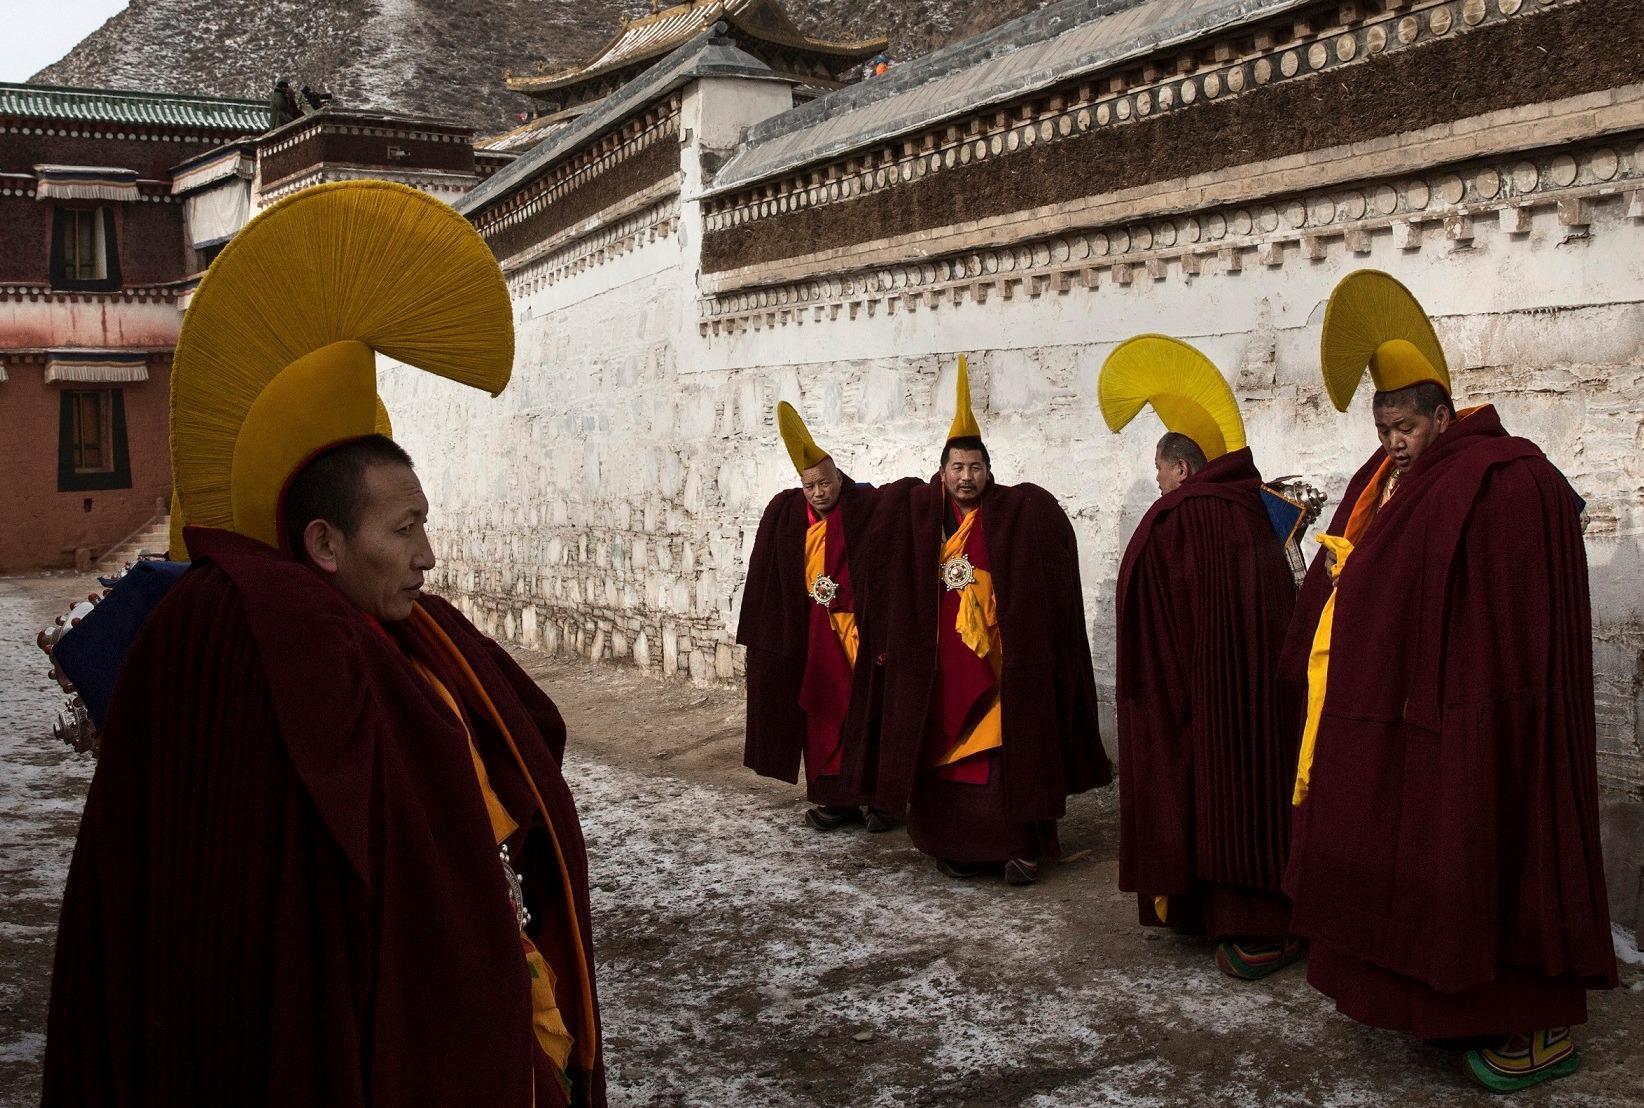 Tu viện 300 tuổi chứa bí ẩn của Phật sống Tây Tạng